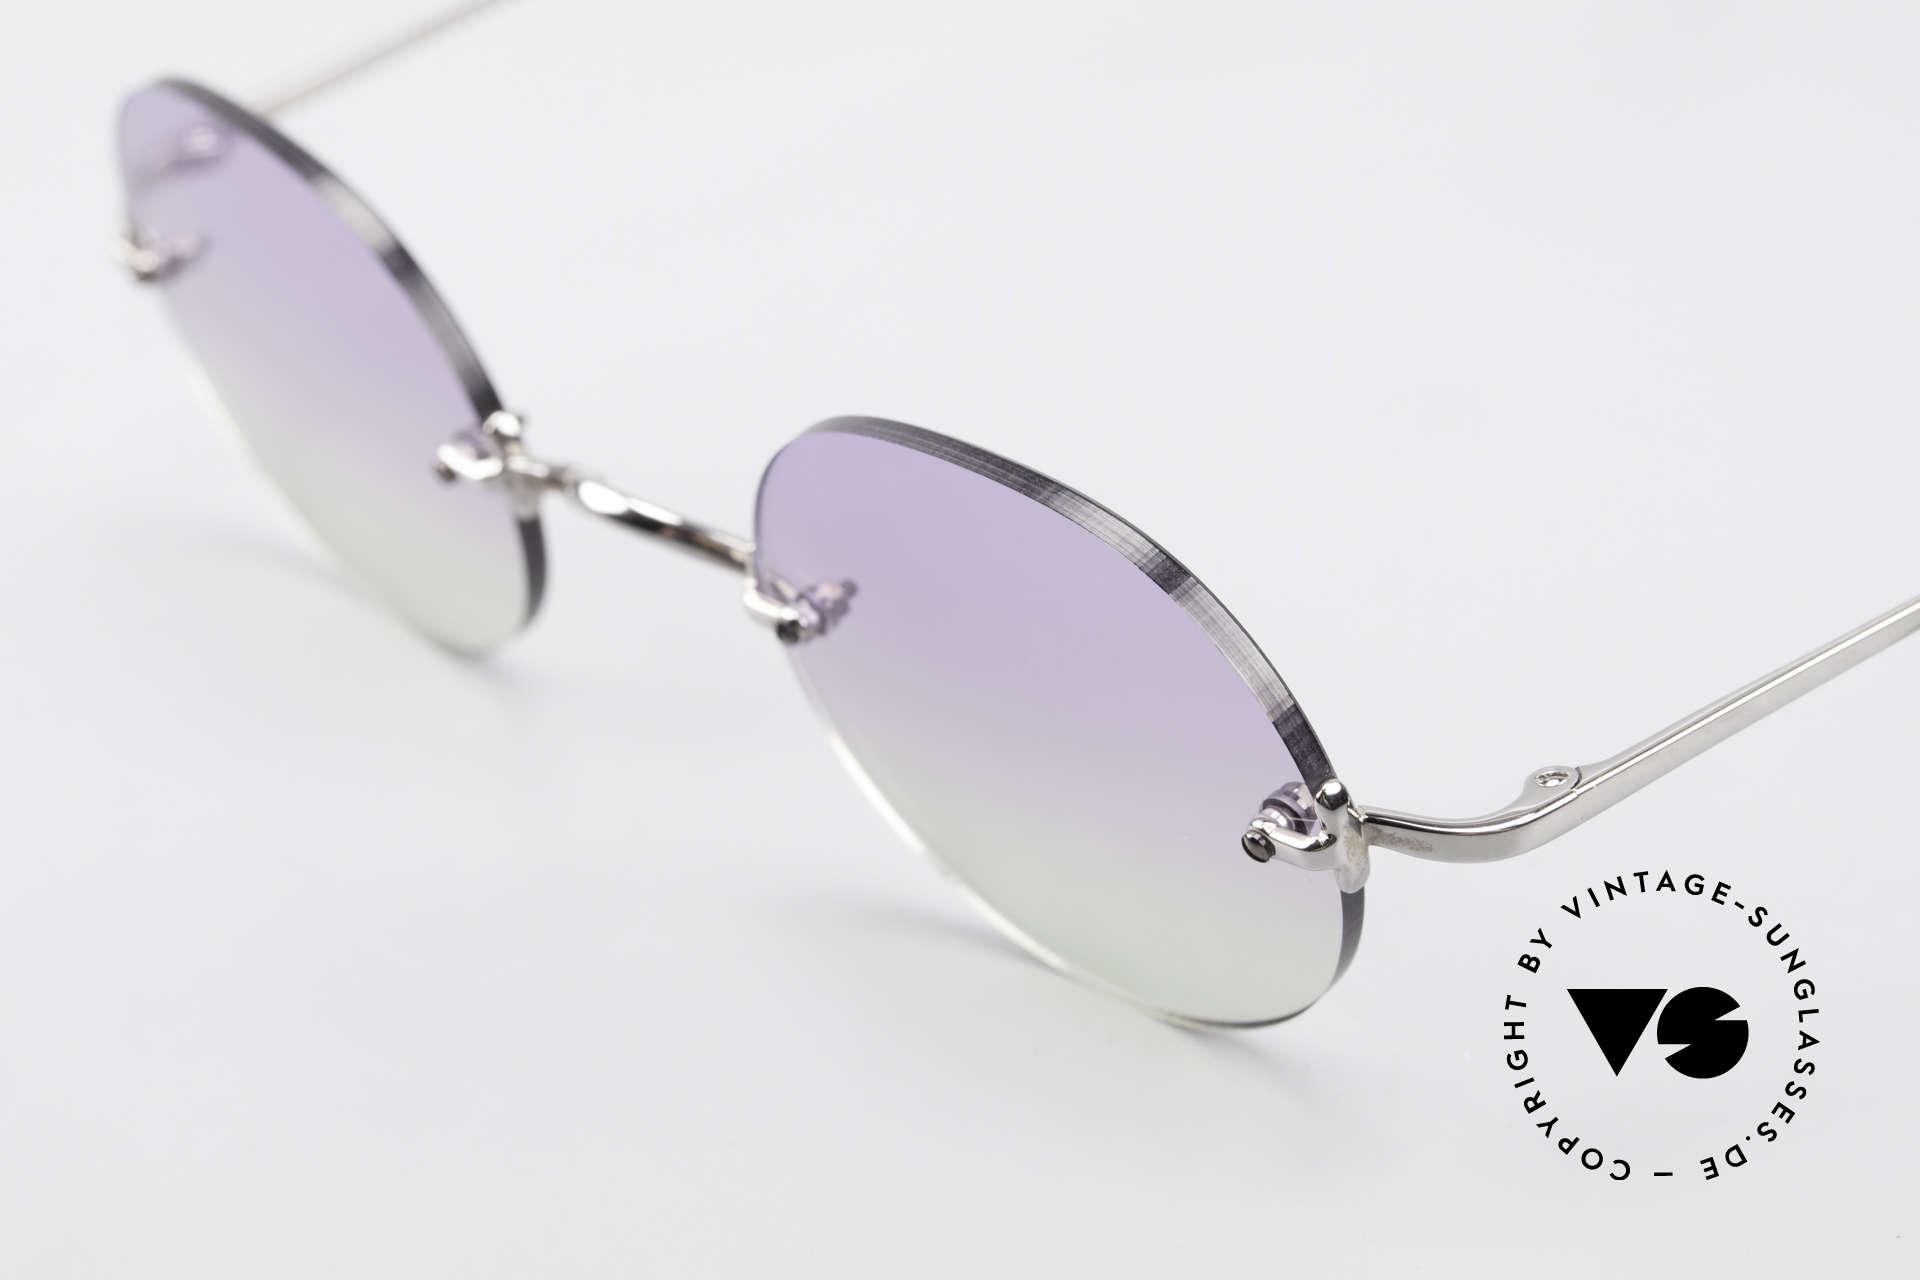 Freudenhaus Flemming Runde Sonnenbrille Randlos, ungetragen (wie alle unsere vintage Designerbrillen), Passend für Herren und Damen